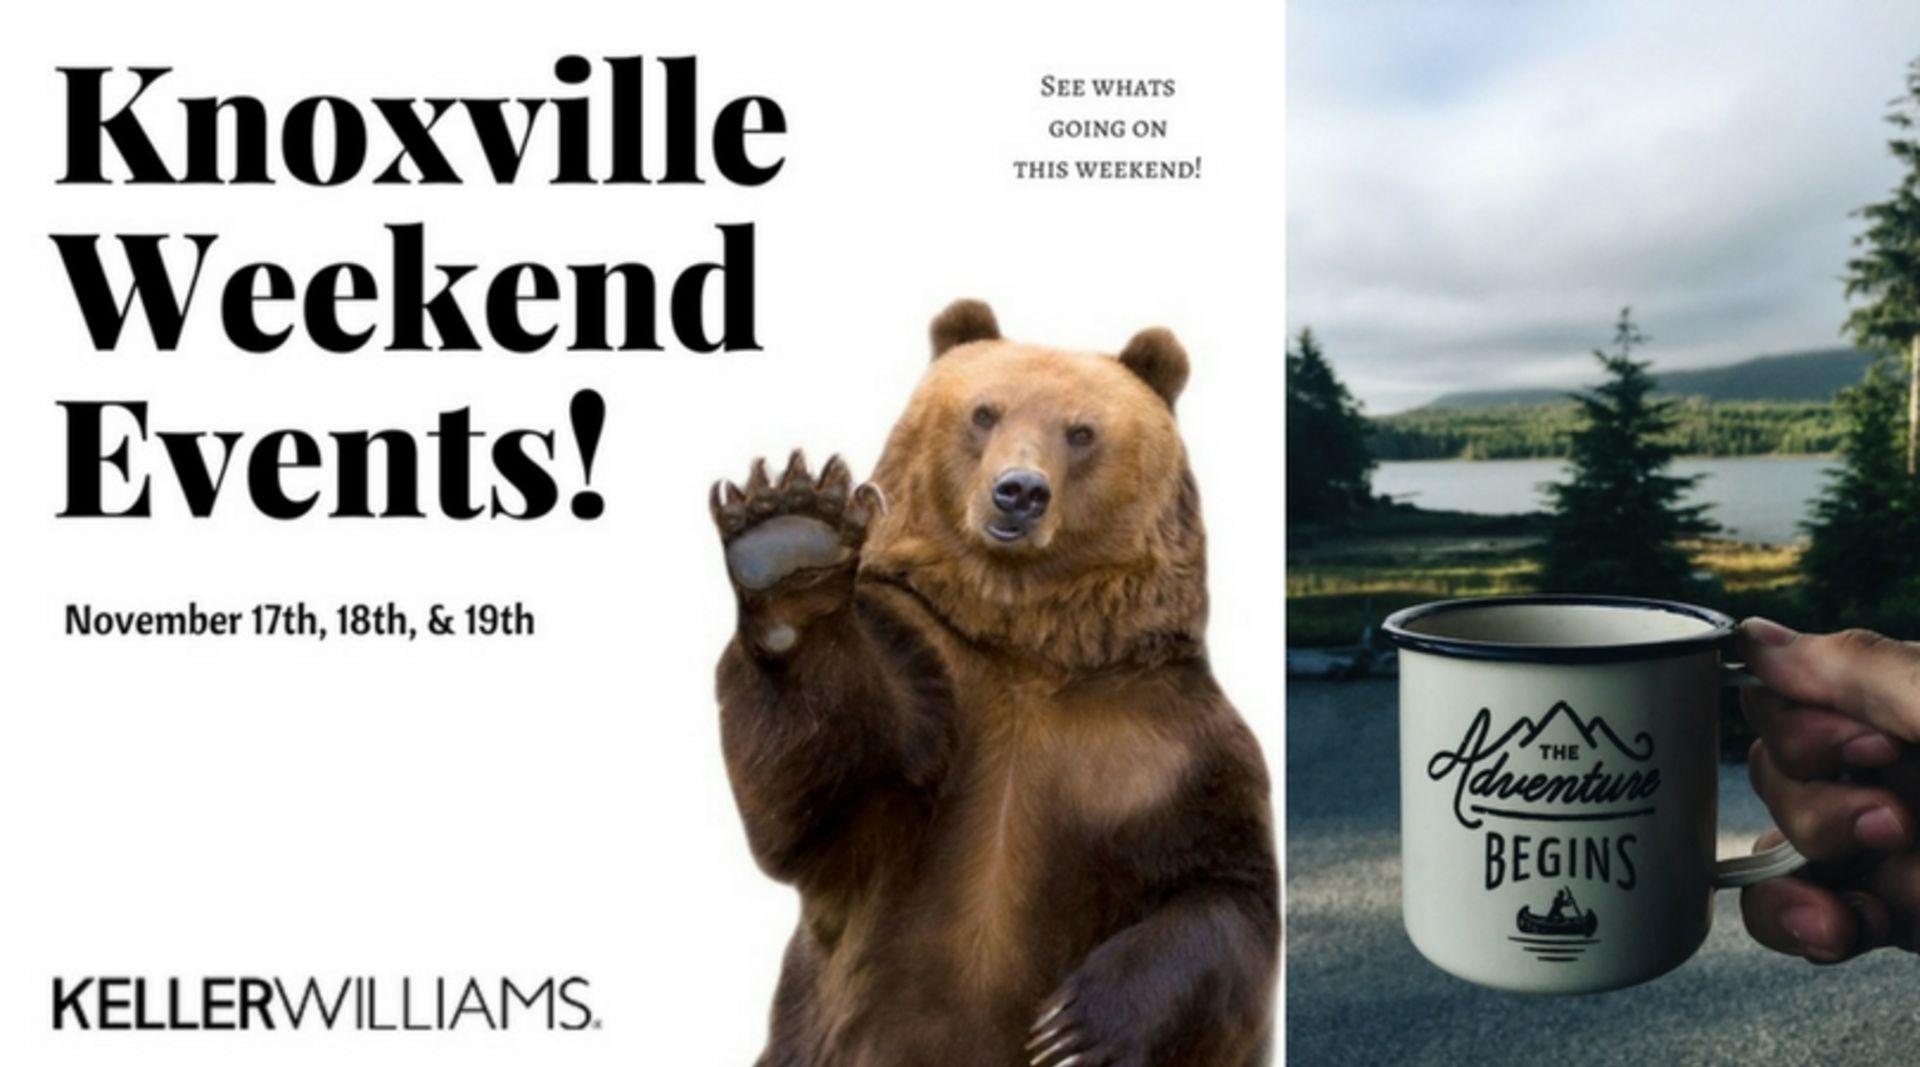 Weekend Fun! November 17th, 18th, & 19th